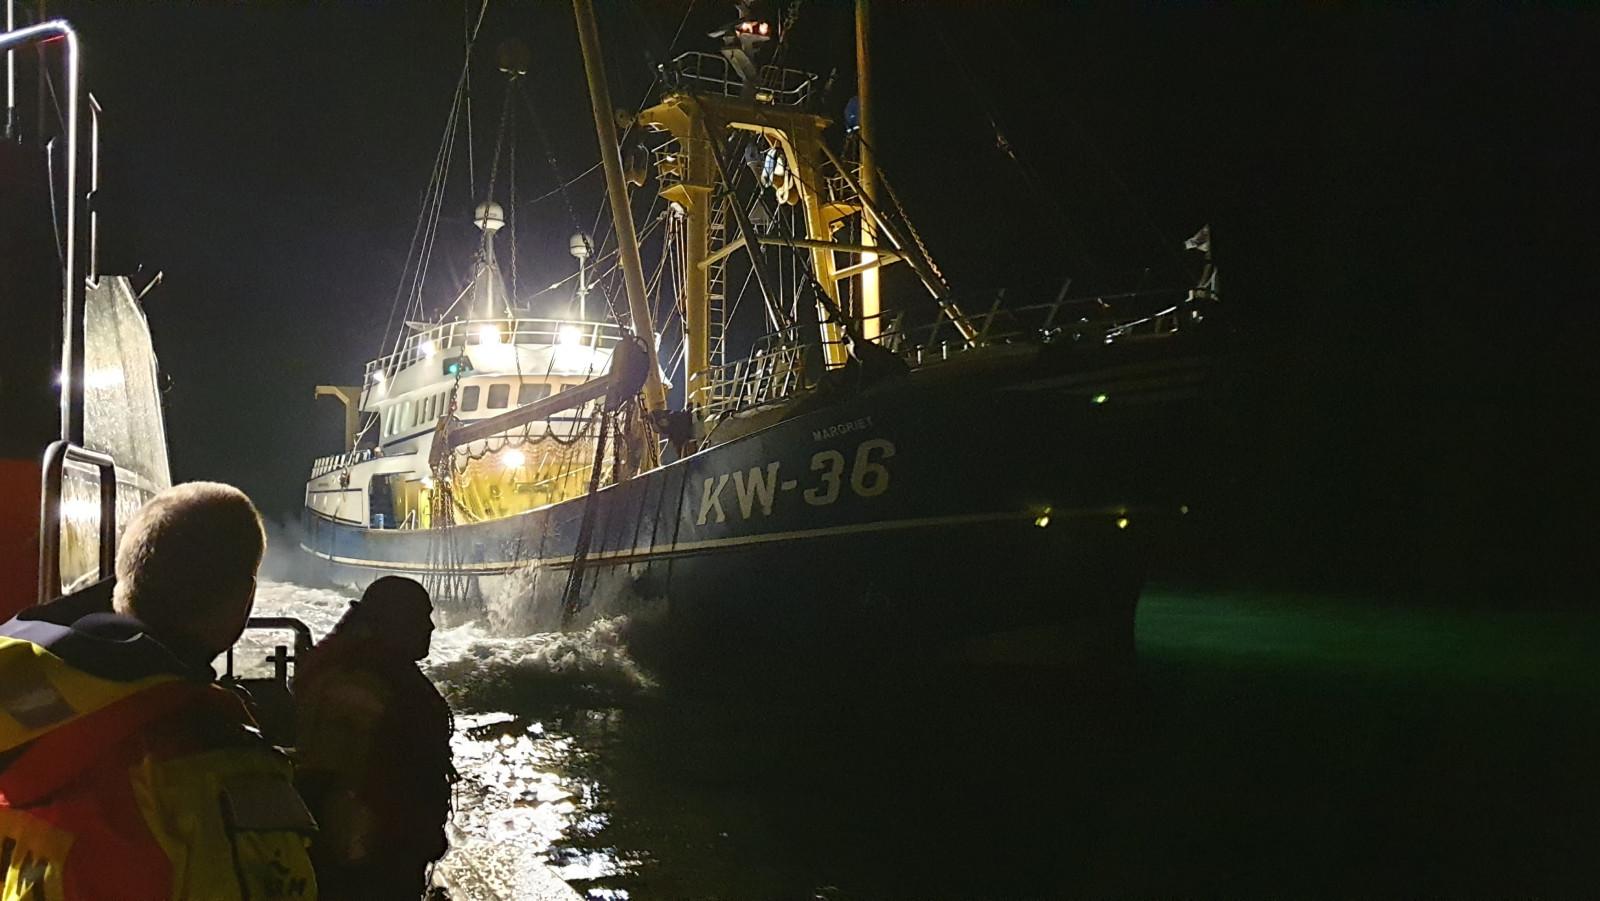 Visser gewond bij ongeluk aan boord kotter voor kust IJmuiden.